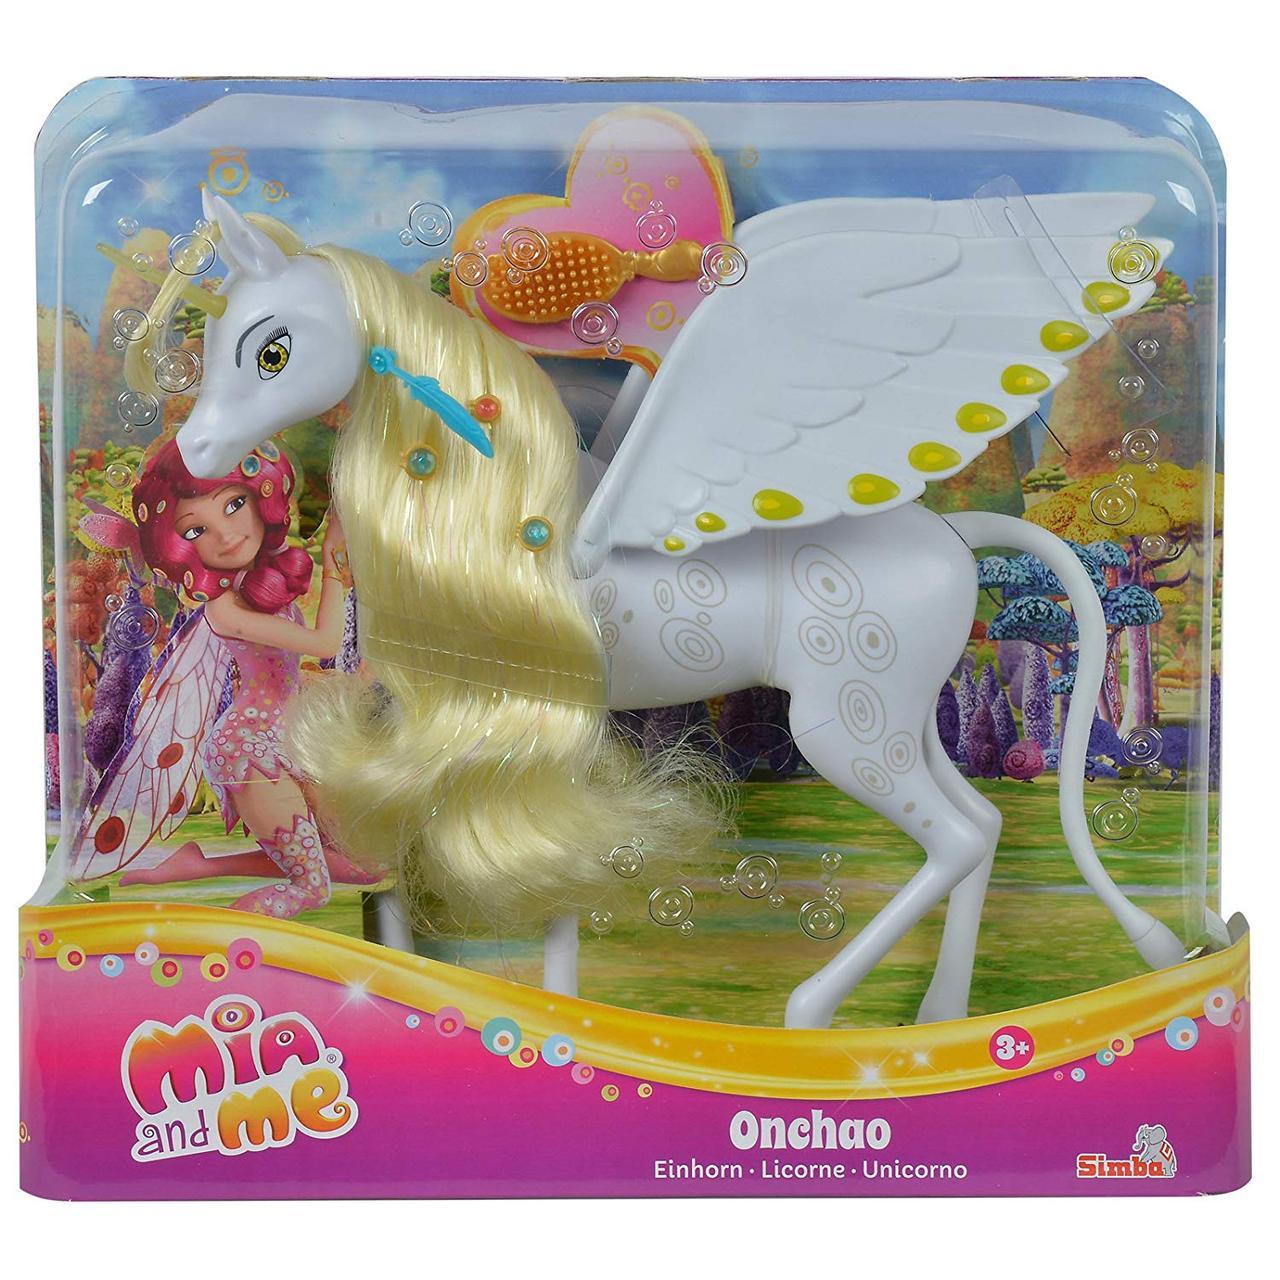 """Единорог Ончао  из м/ф """"Мия и Я"""" ( Mia and Me Onchao Simba Toys)"""